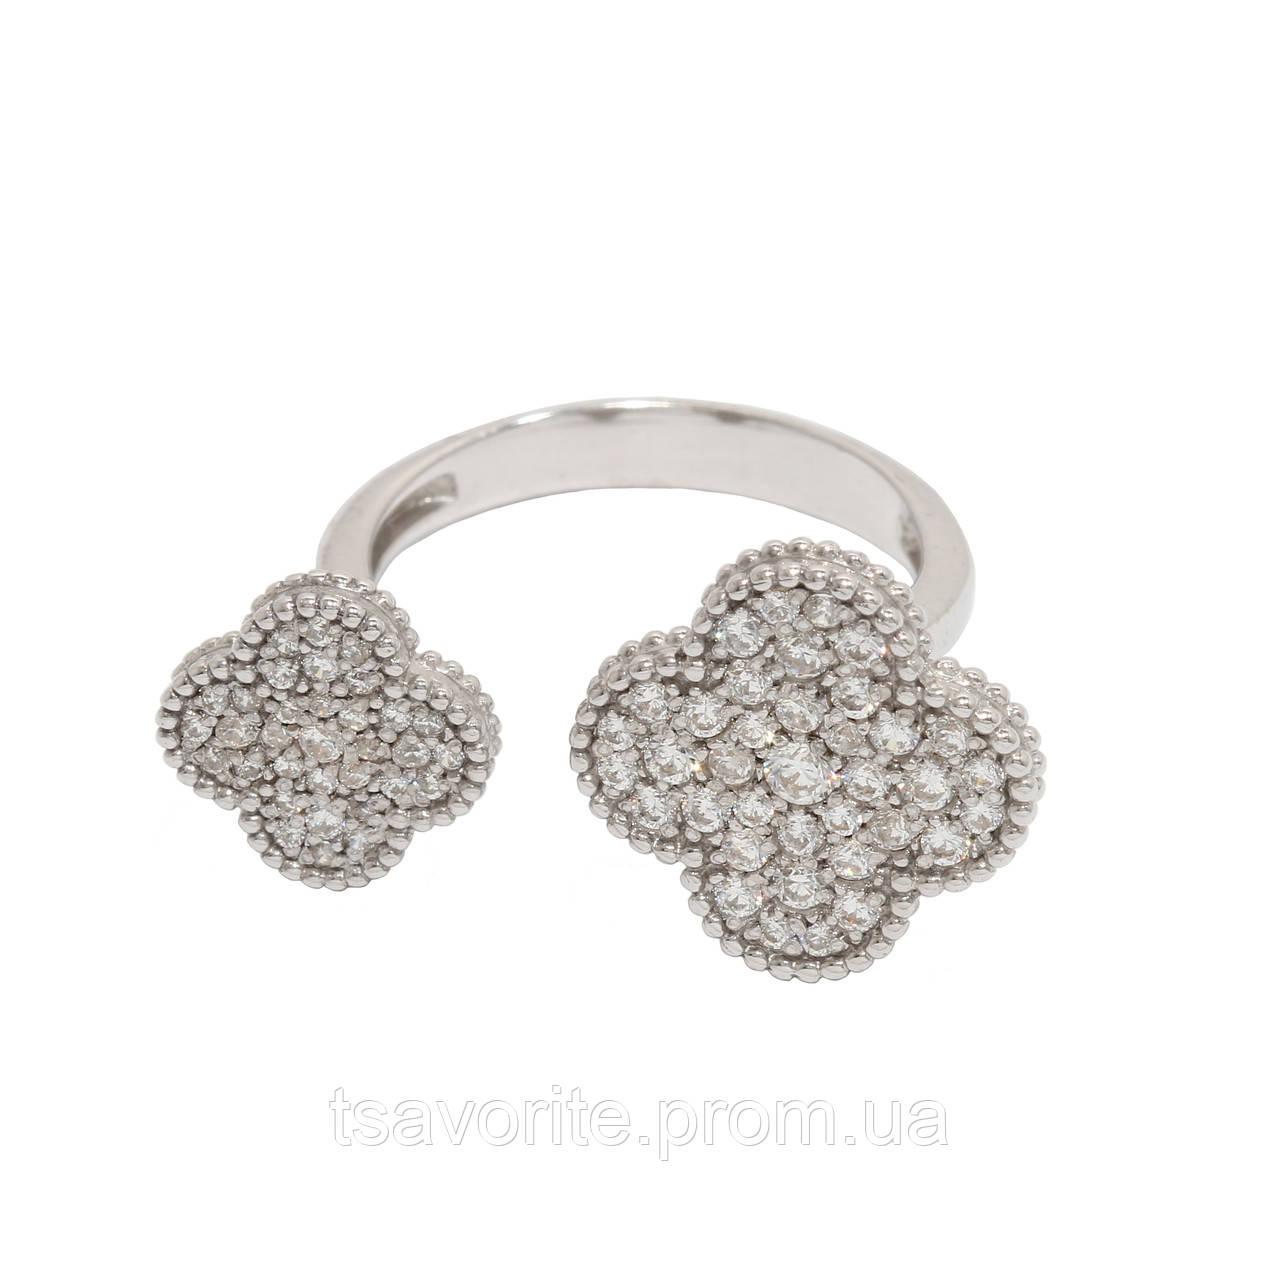 Серебряное кольцо 500180-Р